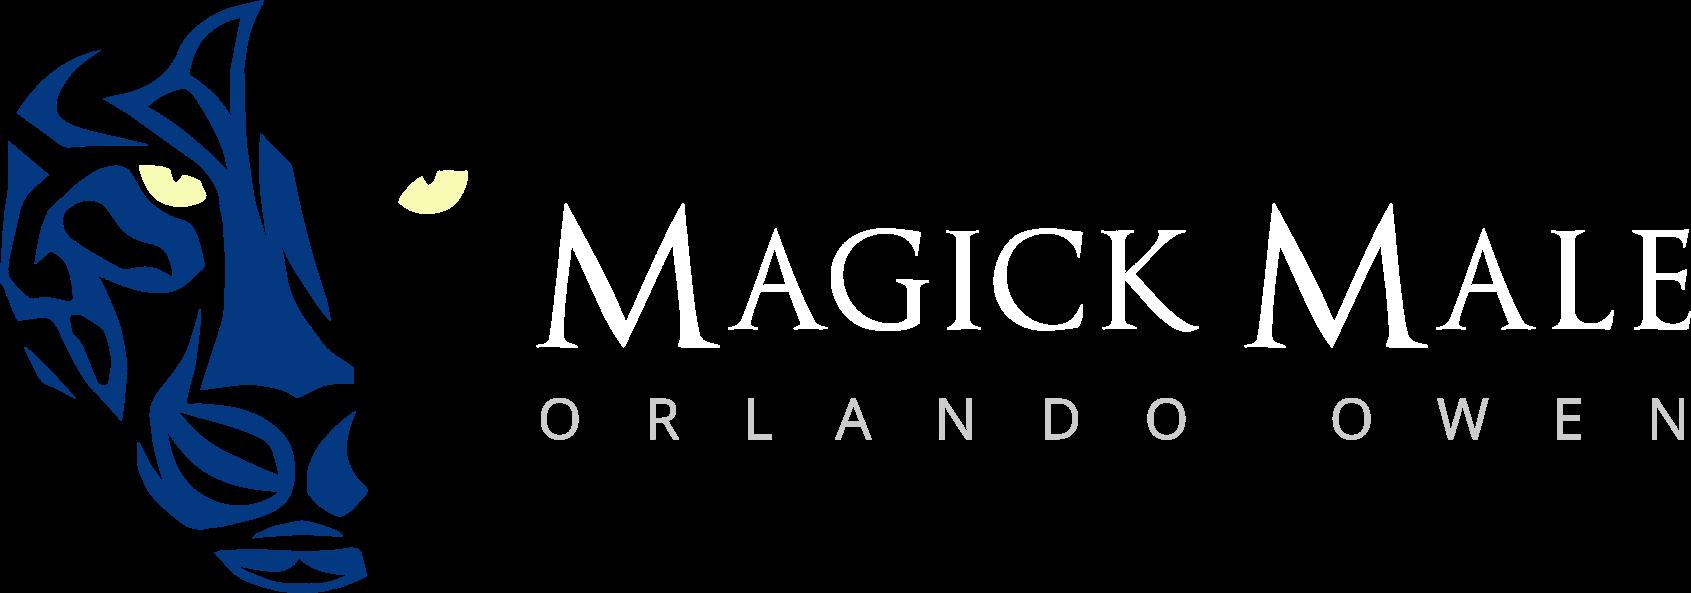 MagickMale - Orlando Owen